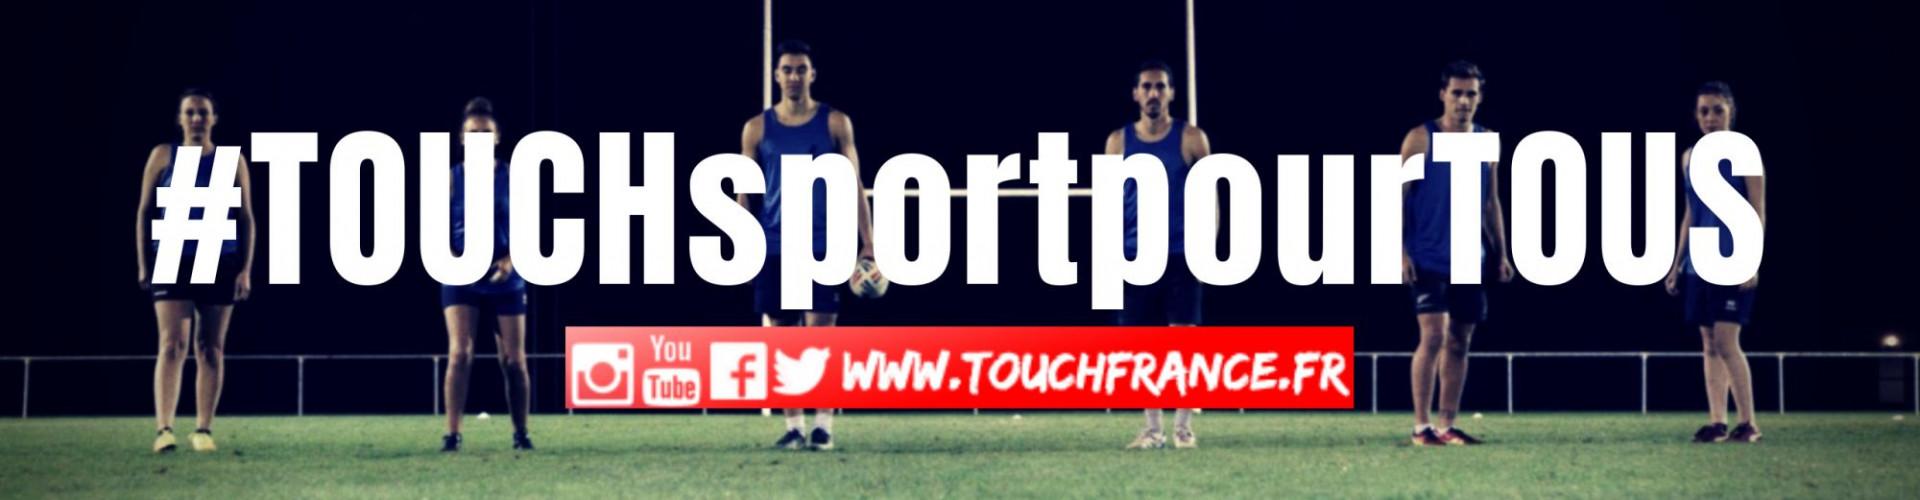 touchsportpourtous-1